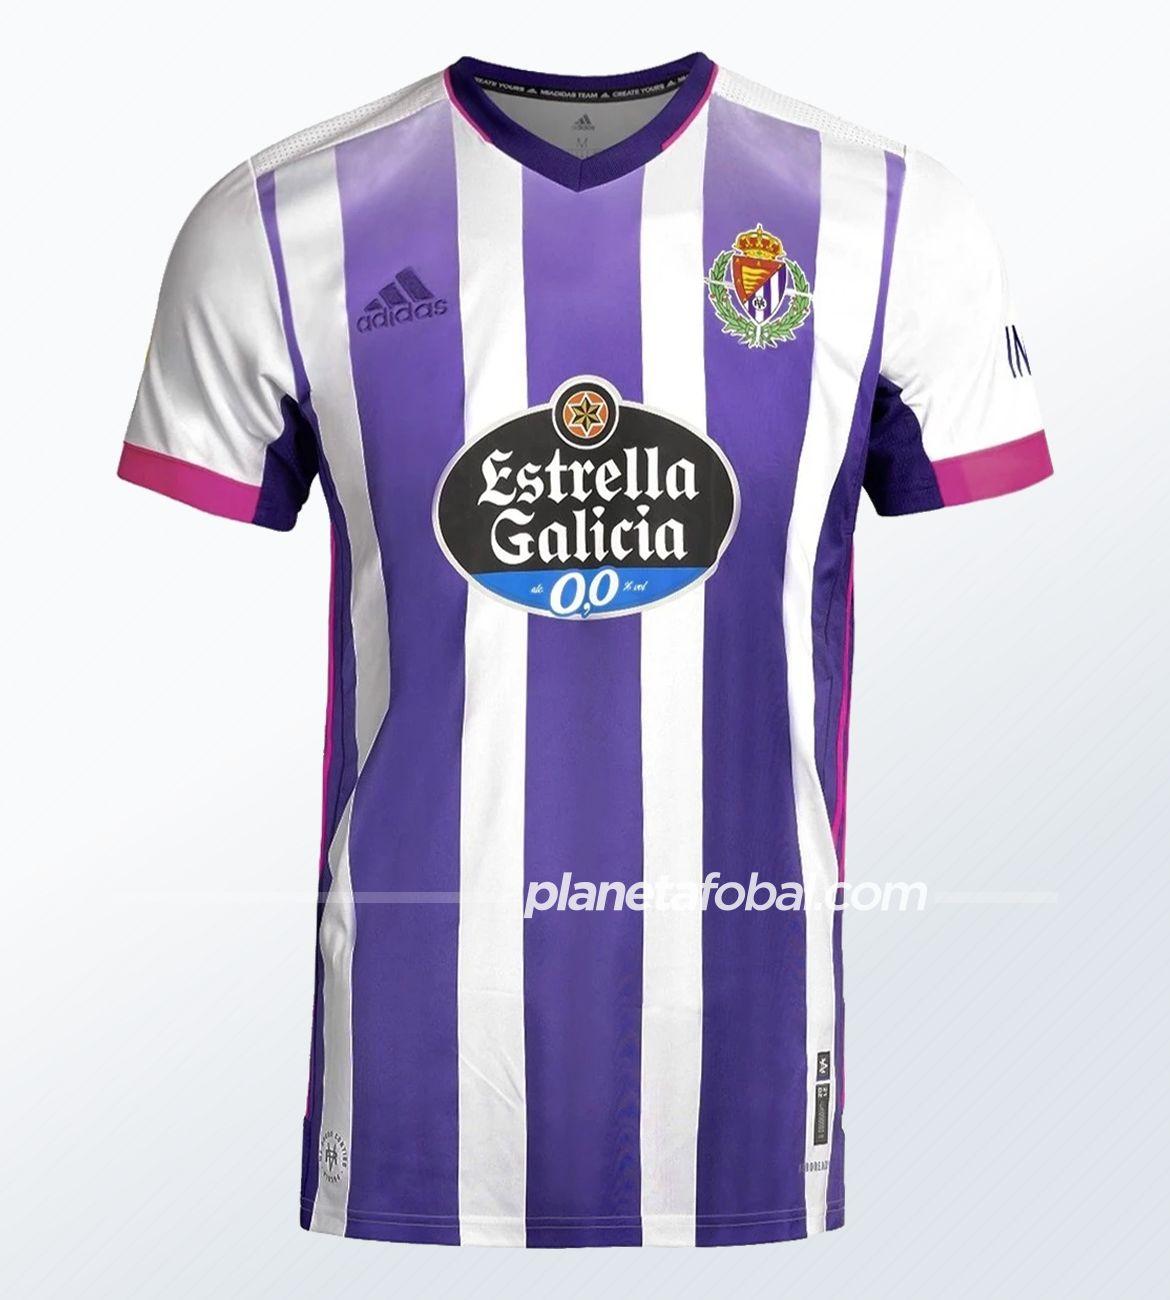 Contagioso esposa negocio  Camisetas adidas del Real Valladolid 2020/21